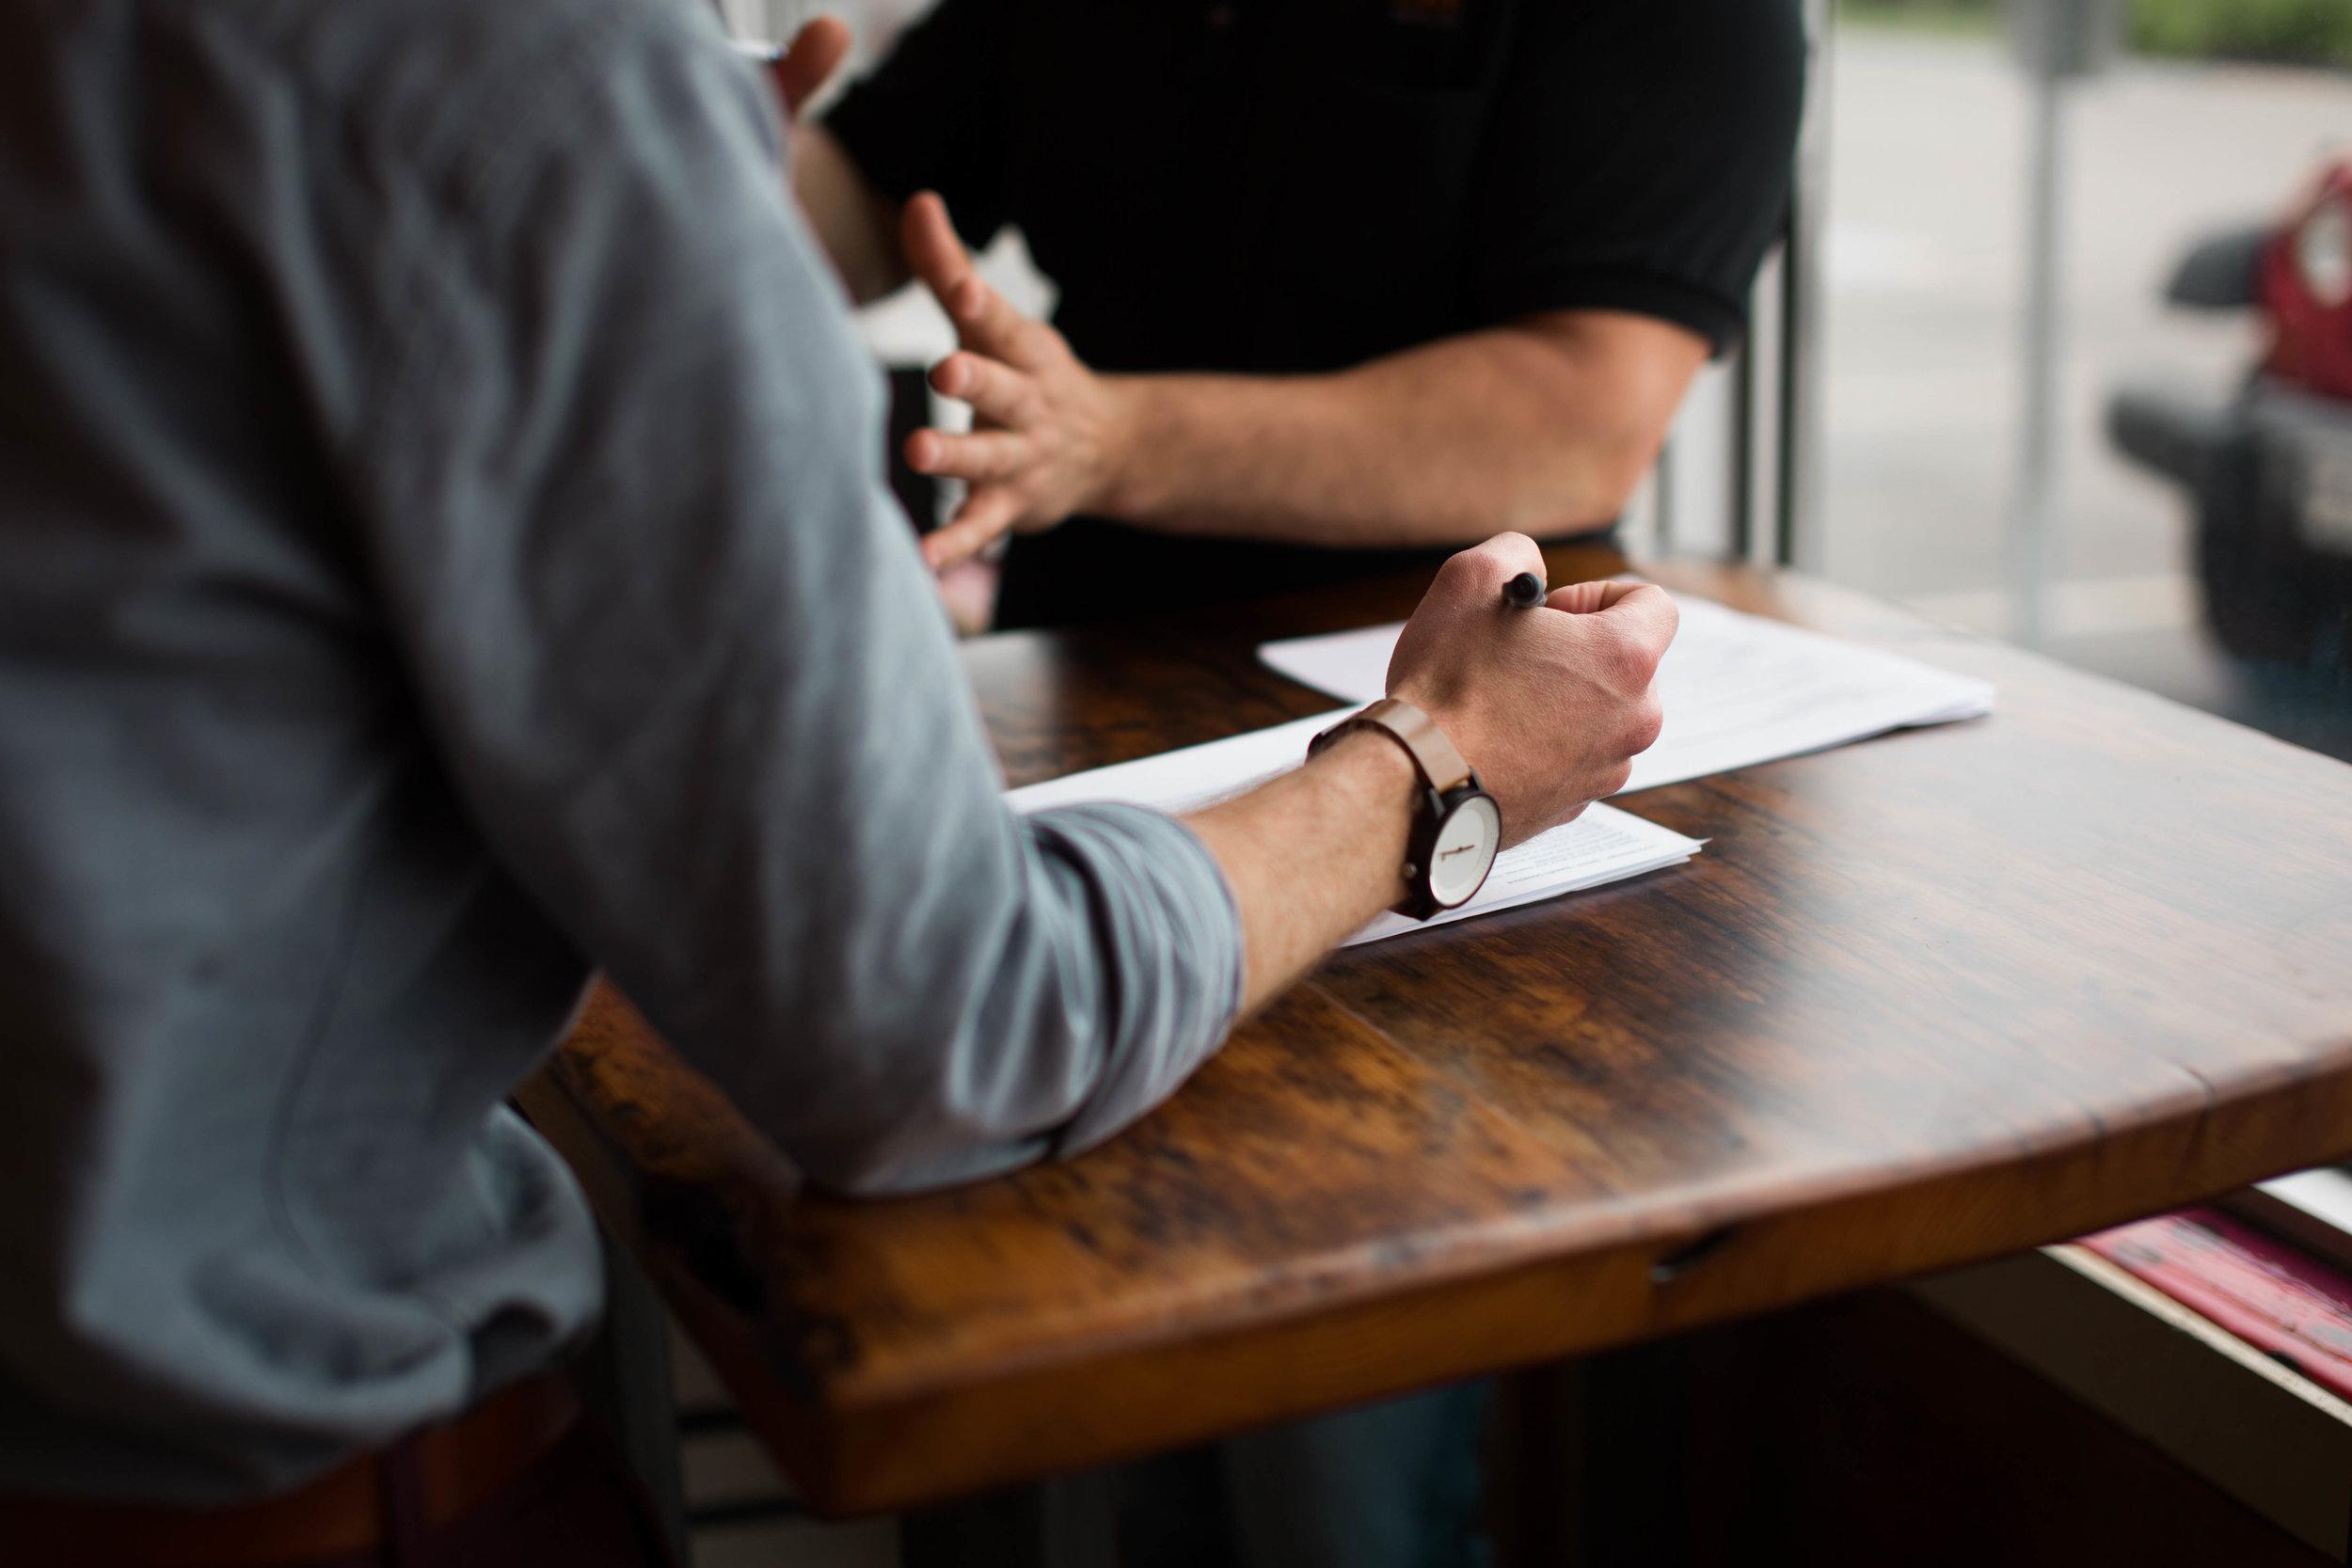 Prozessoptimierende Beratung - LeistungenBeraten & NetzwerkenSpezialisierungsbereichTürkeiZielgruppenDiplomaten, Politiker, Unternehmen, Persönlichkeiten